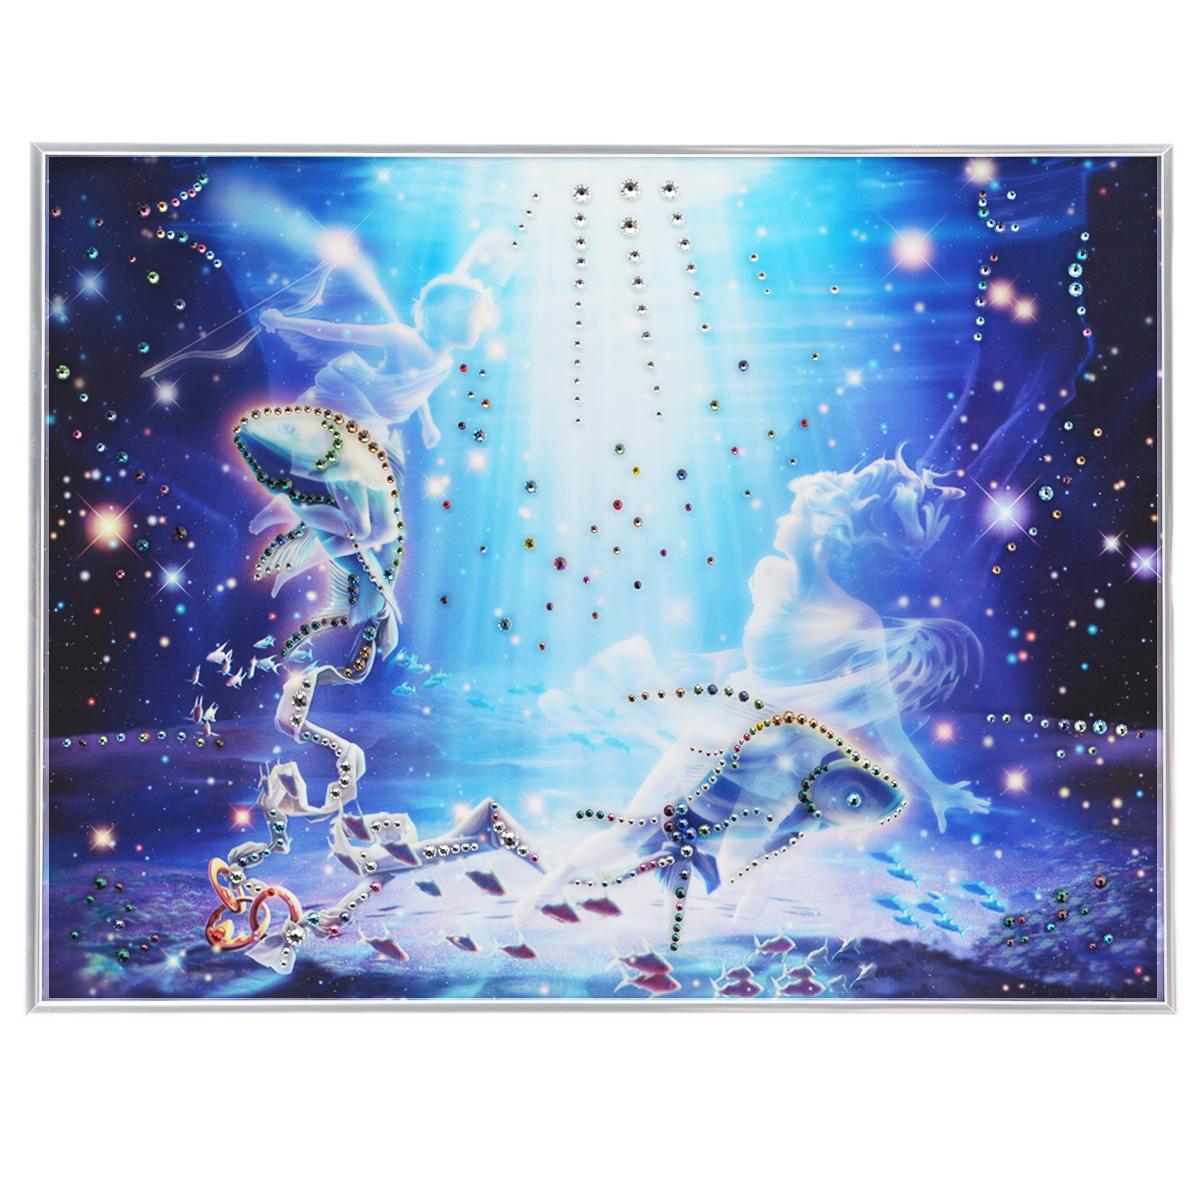 Картина с кристаллами Swarovski Знак зодиака. Рыбы Кагая, 40 см х 30 смCT4-25Изящная картина в металлической раме, инкрустирована кристаллами Swarovski, которые отличаются четкой и ровной огранкой, ярким блеском и чистотой цвета. Красочное изображение знака зодиака - рыбы Кагая, расположенное под стеклом, прекрасно дополняет блеск кристаллов. С обратной стороны имеется металлическая петелька для размещения картины на стене. Картина с кристаллами Swarovski Знак зодиака. Рыбы Кагая элегантно украсит интерьер дома или офиса, а также станет прекрасным подарком, который обязательно понравится получателю. Блеск кристаллов в интерьере, что может быть сказочнее и удивительнее. Картина упакована в подарочную картонную коробку синего цвета и комплектуется сертификатом соответствия Swarovski.